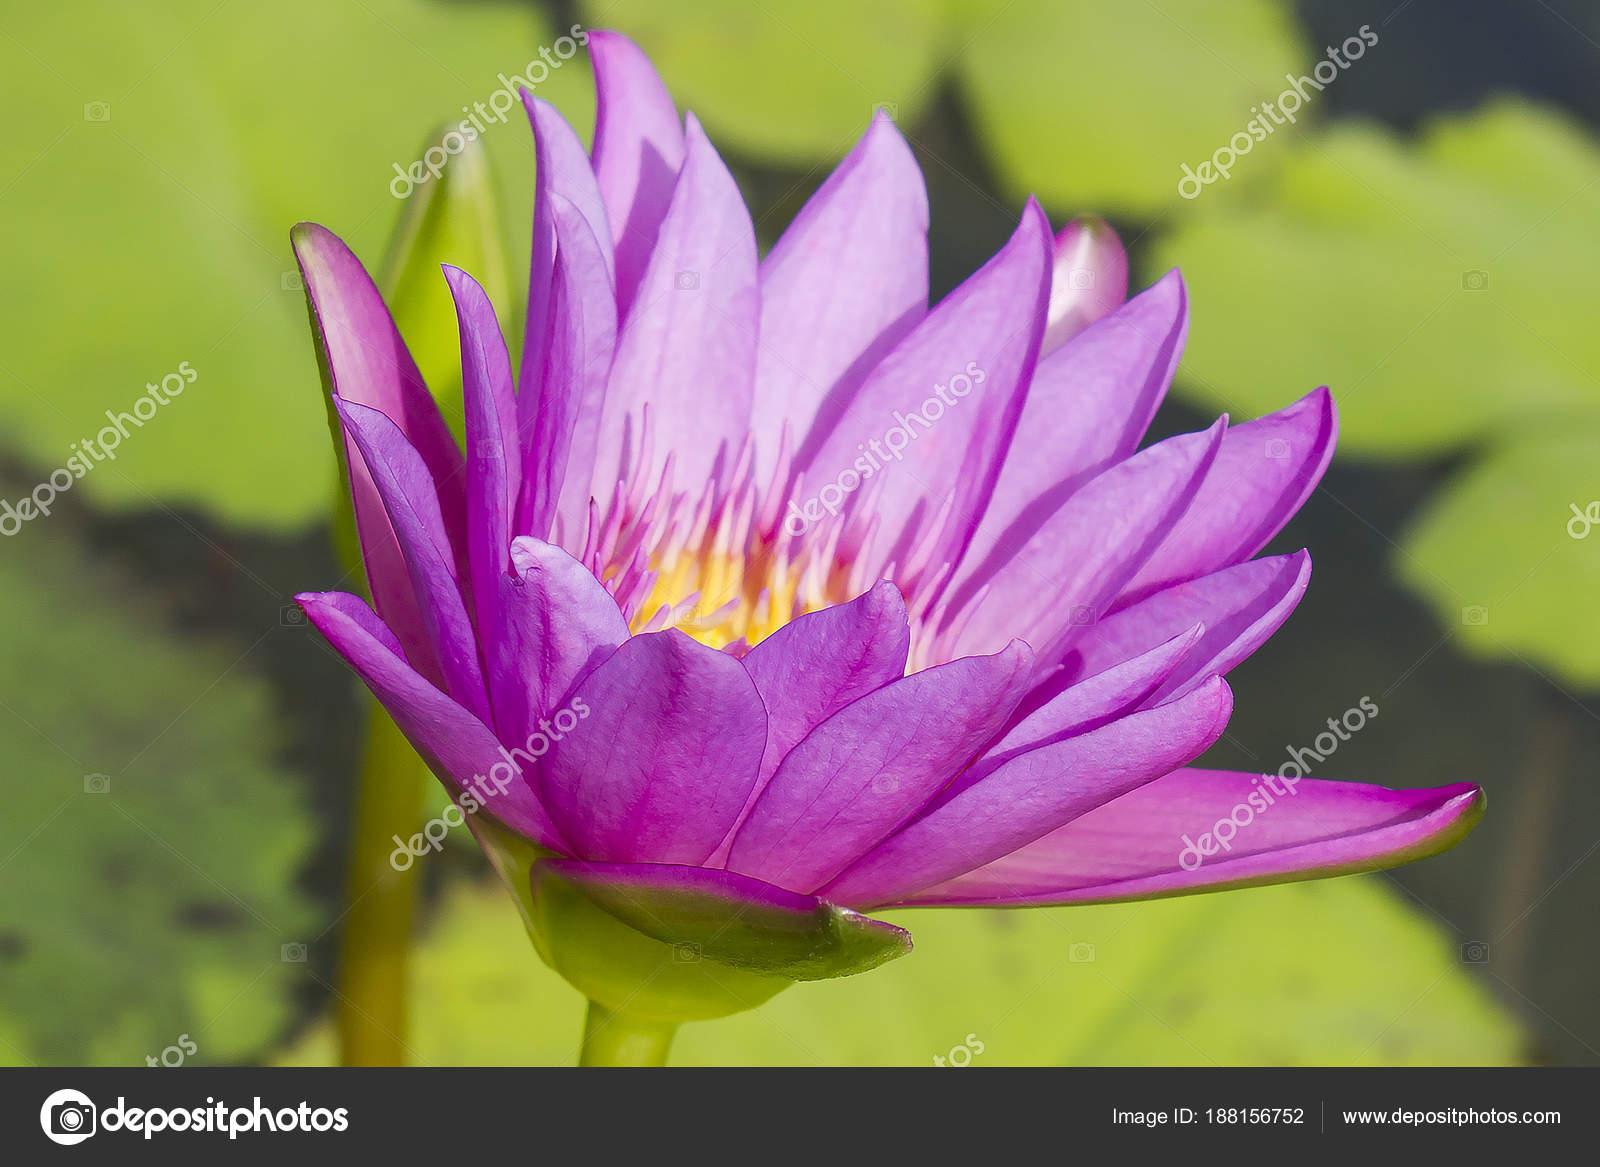 Elegant Pink Lily Flower Lotus Water Lotus Flower Water Lily Stock